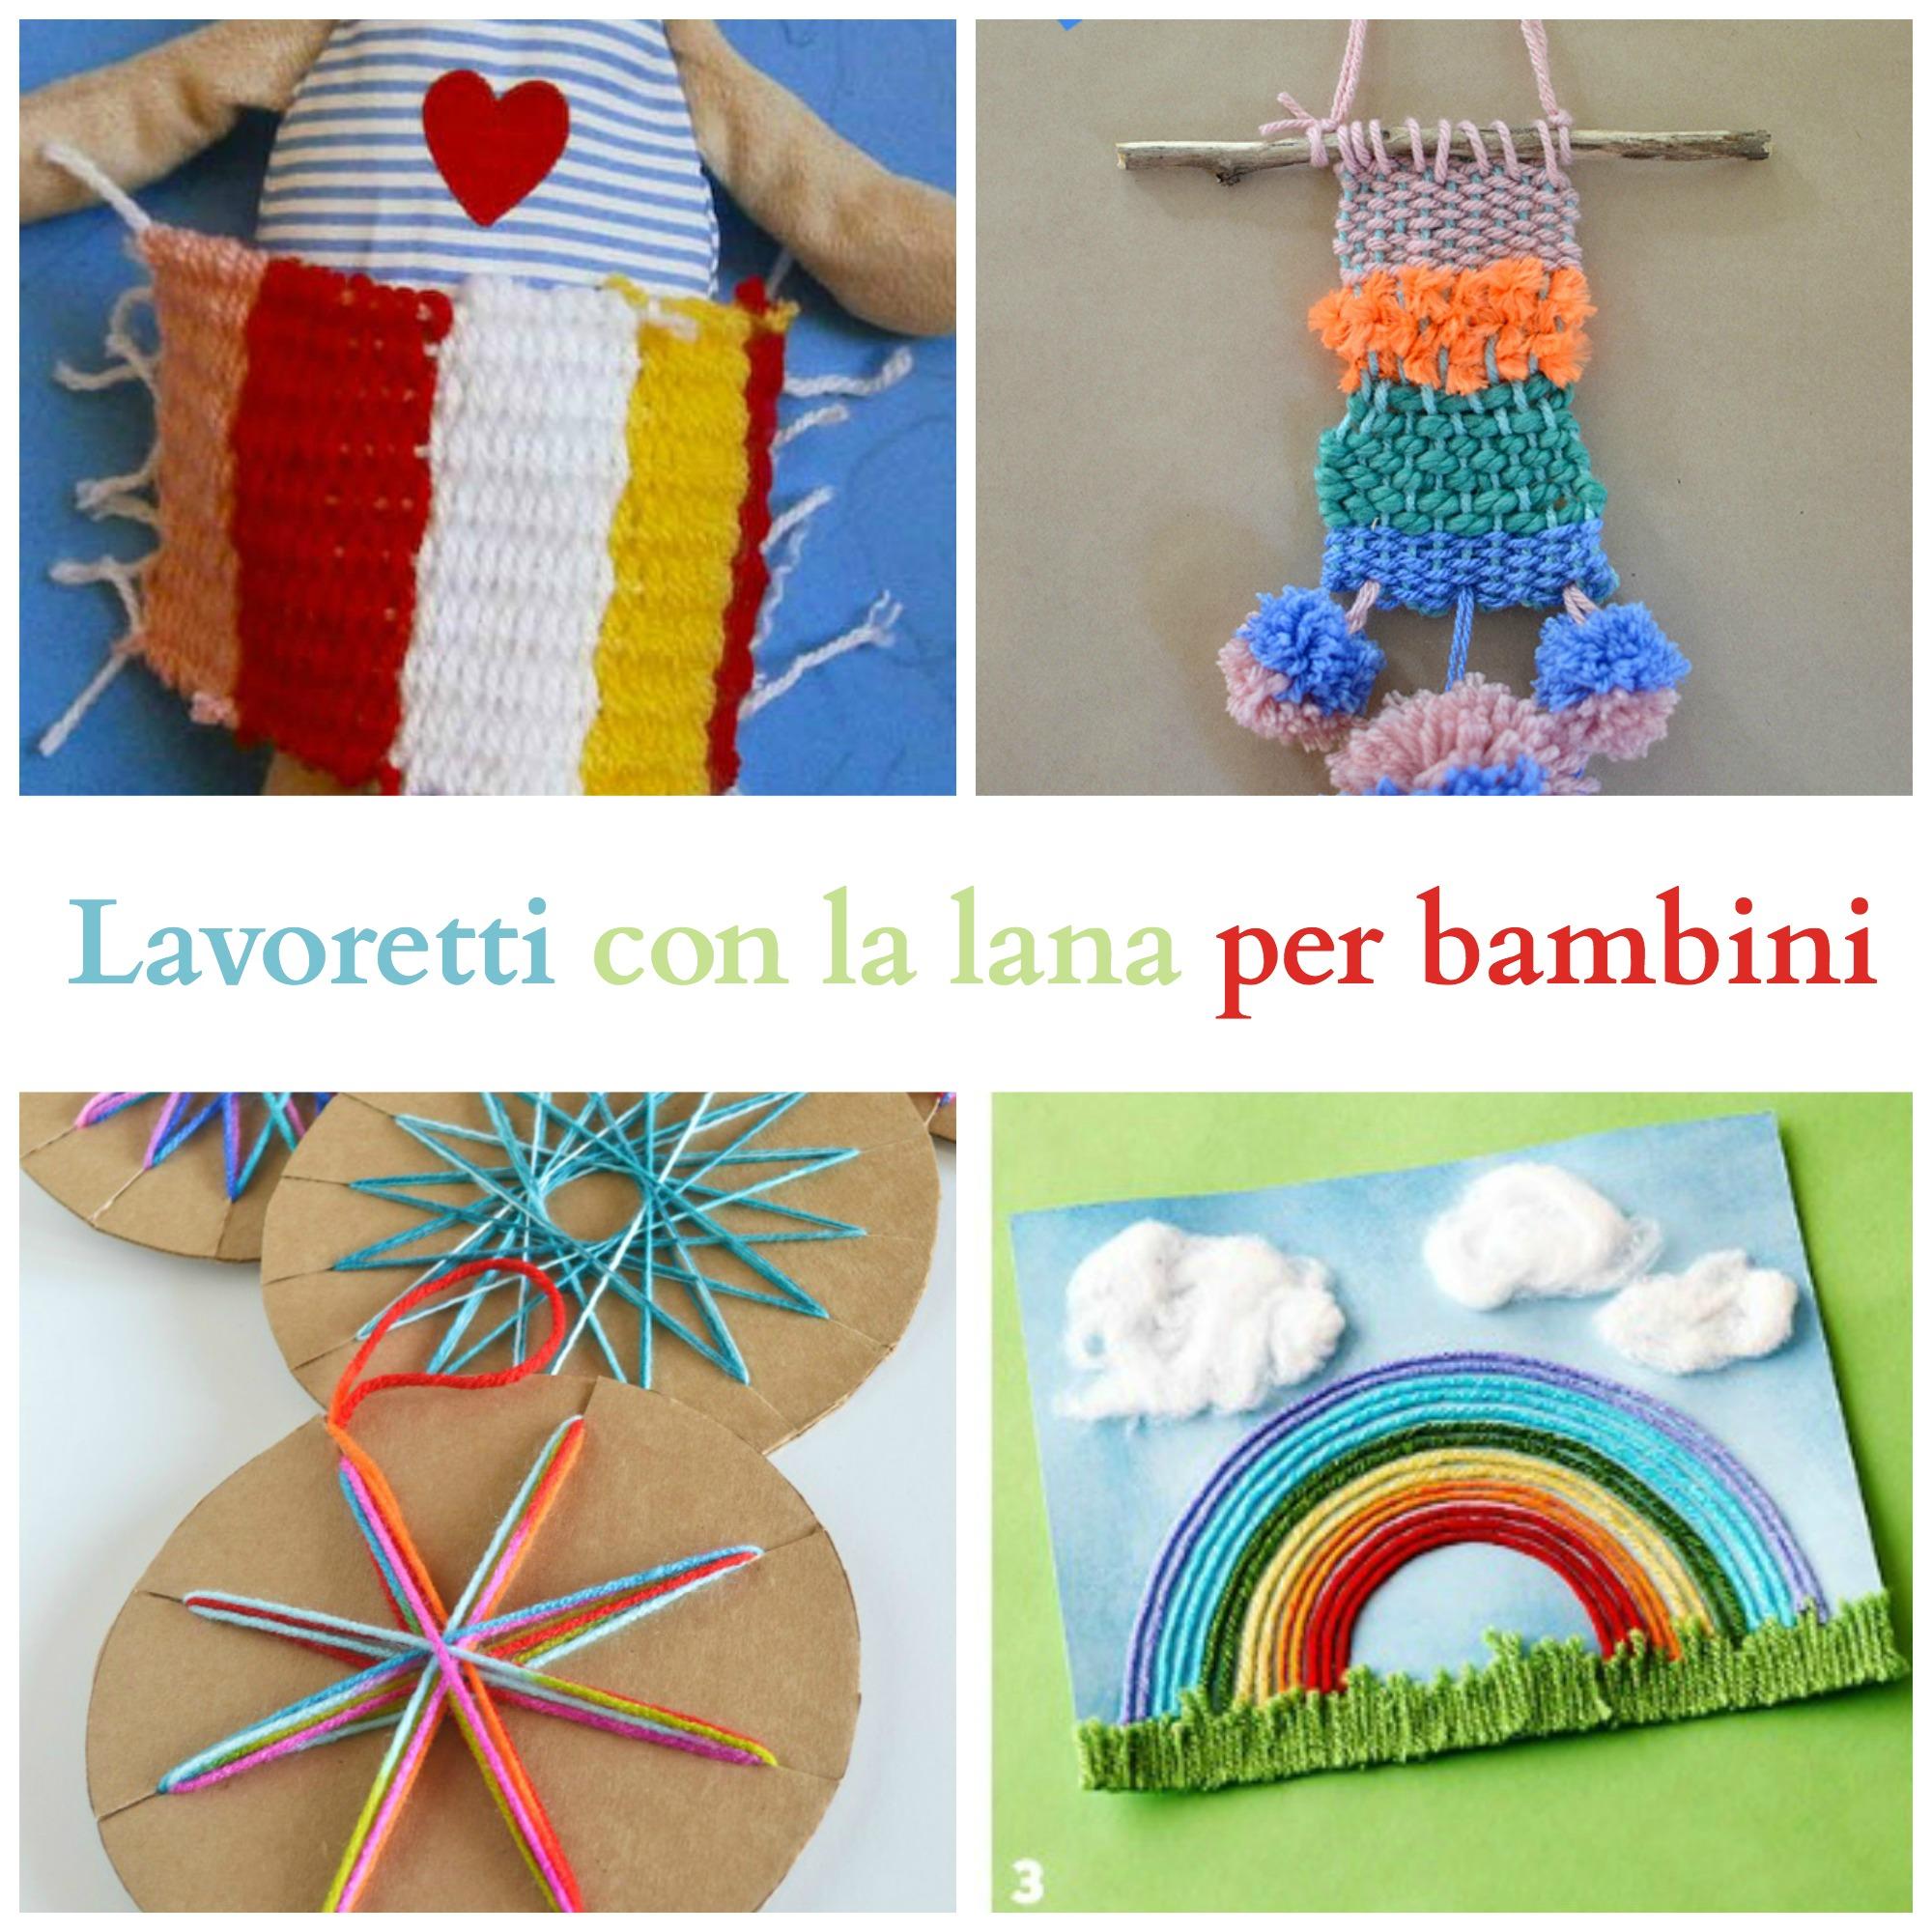 Lavoretti con la lana per bambini babygreen for Lavori creativi da casa